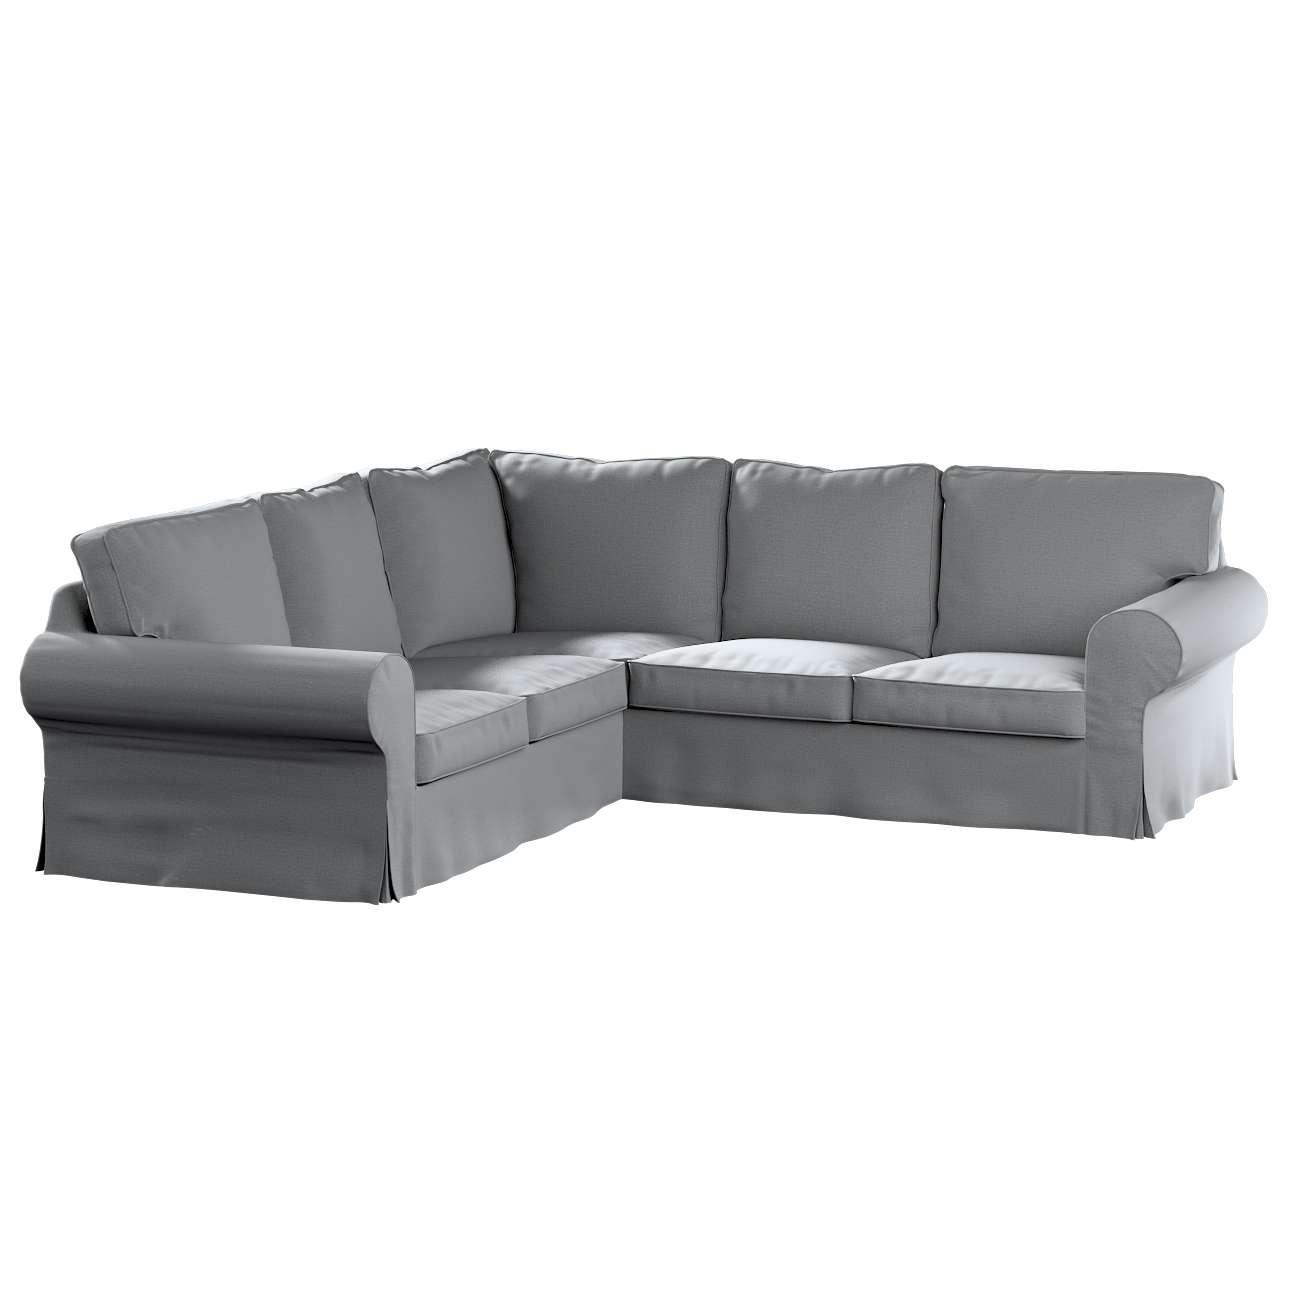 Pokrowiec na sofę narożną Ektorp w kolekcji Ingrid, tkanina: 705-42